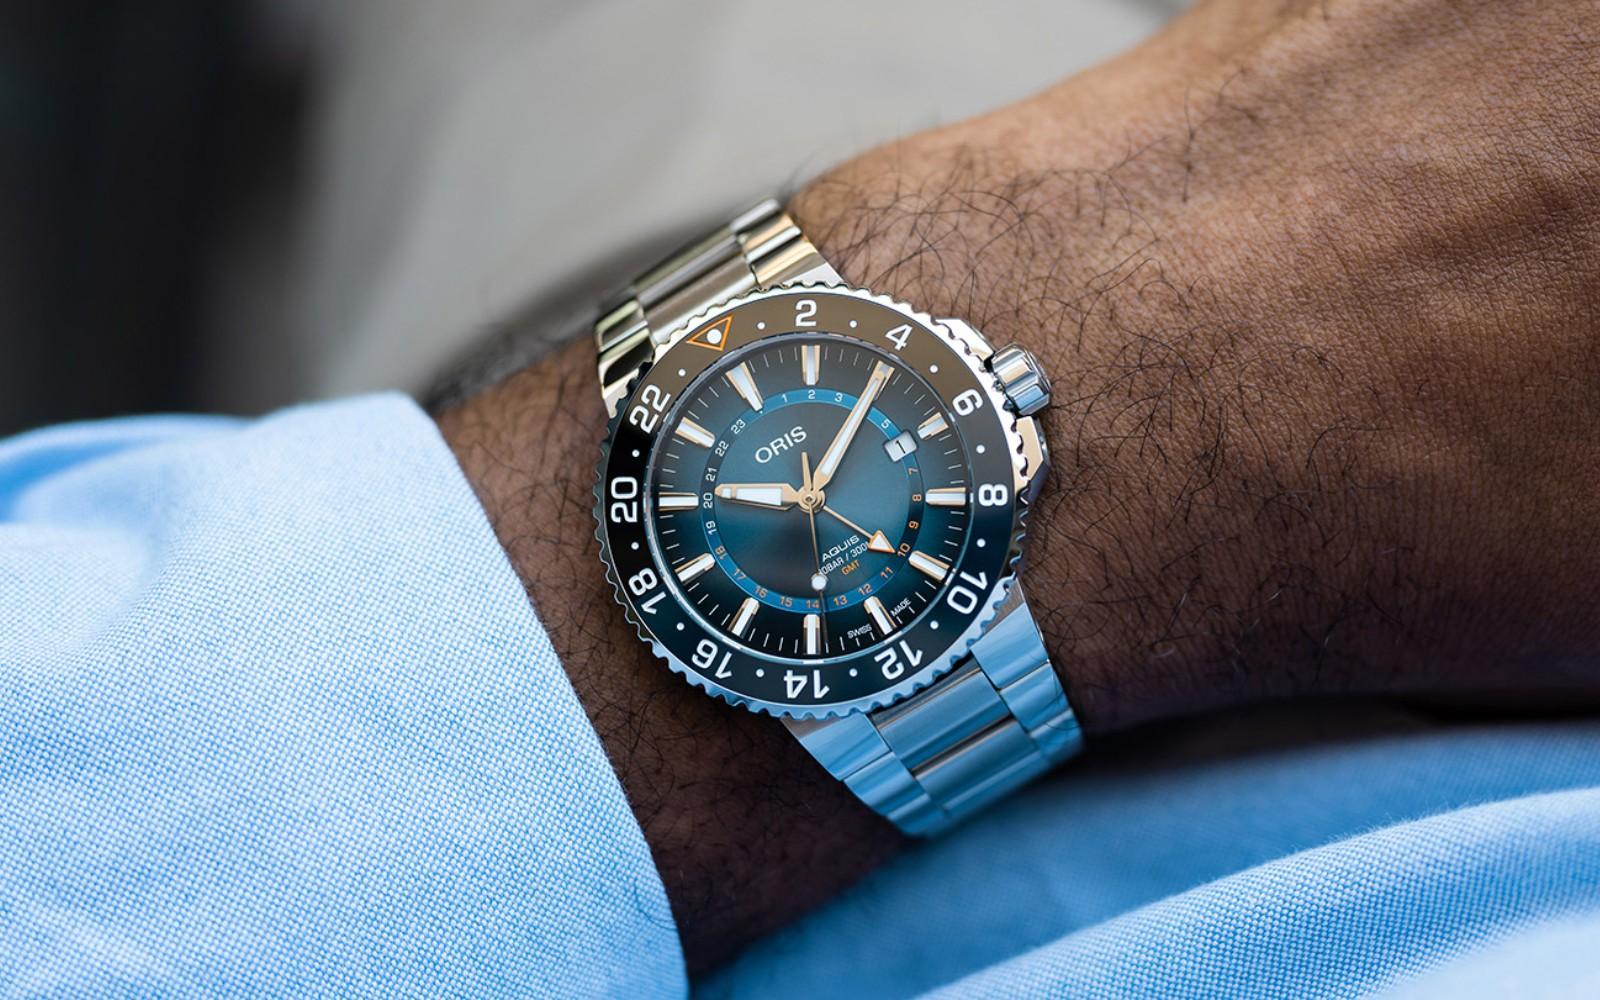 Cập nhật các mẫu đồng hồ Oris đang giảm giá rất sâu tại Mỹ